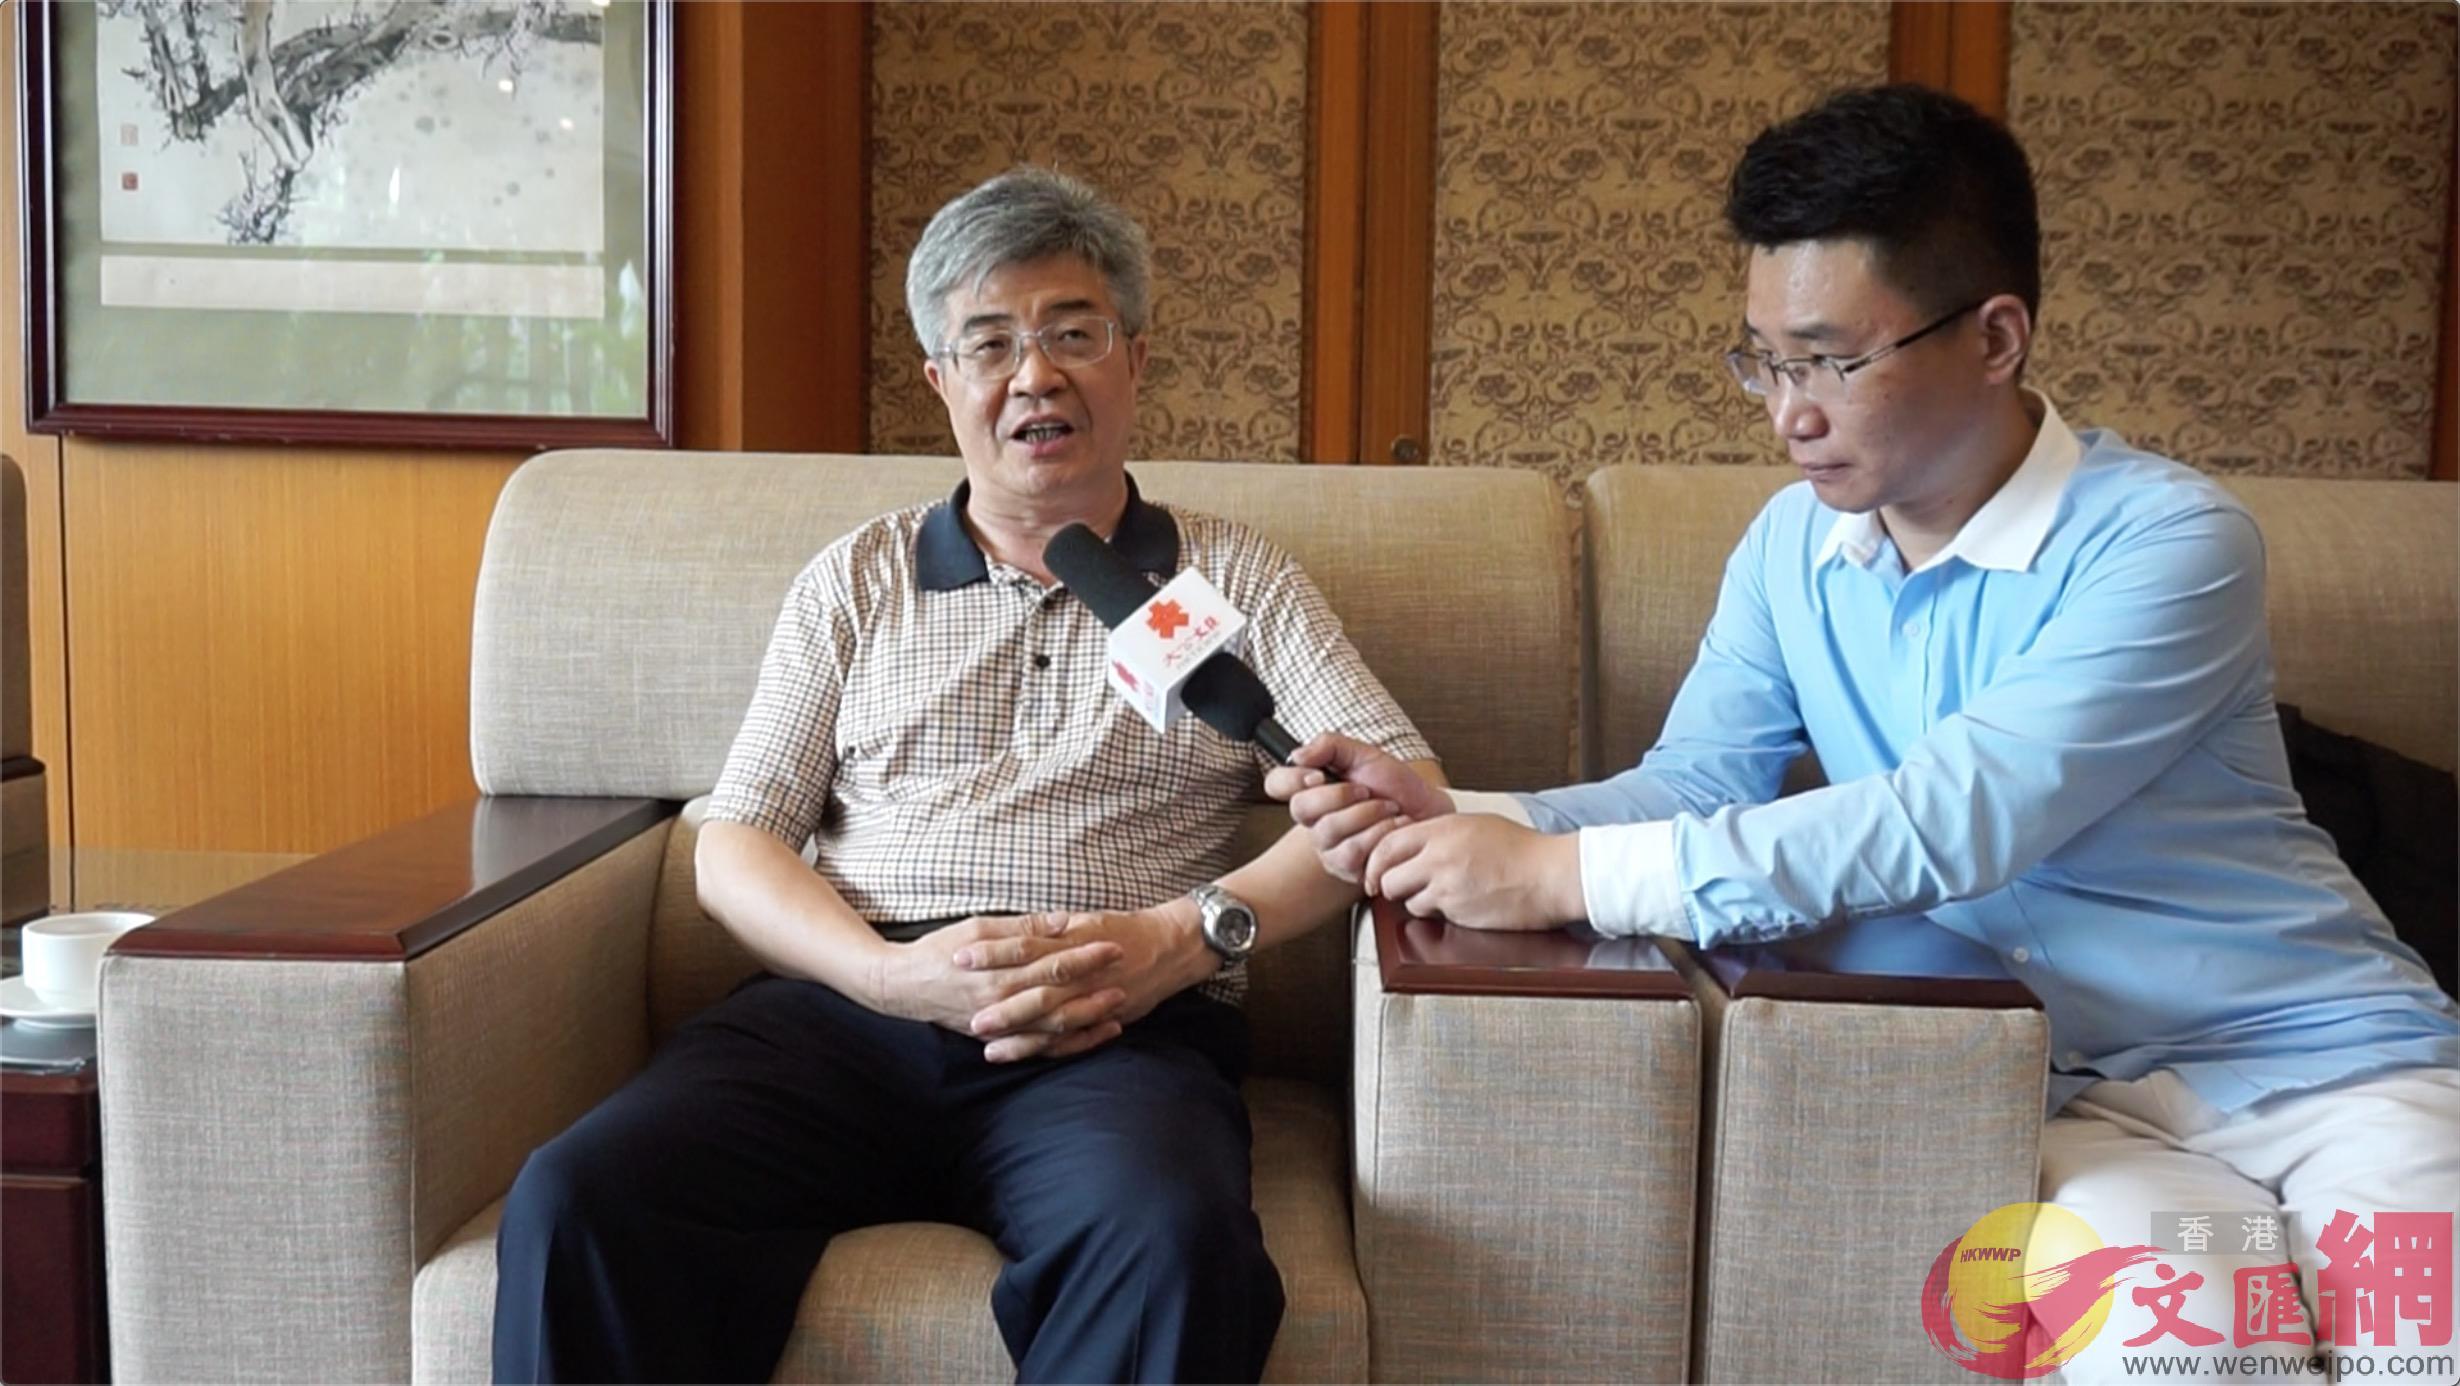 中山市政協主席丘樹宏接受記者採訪(胡永愛 攝)